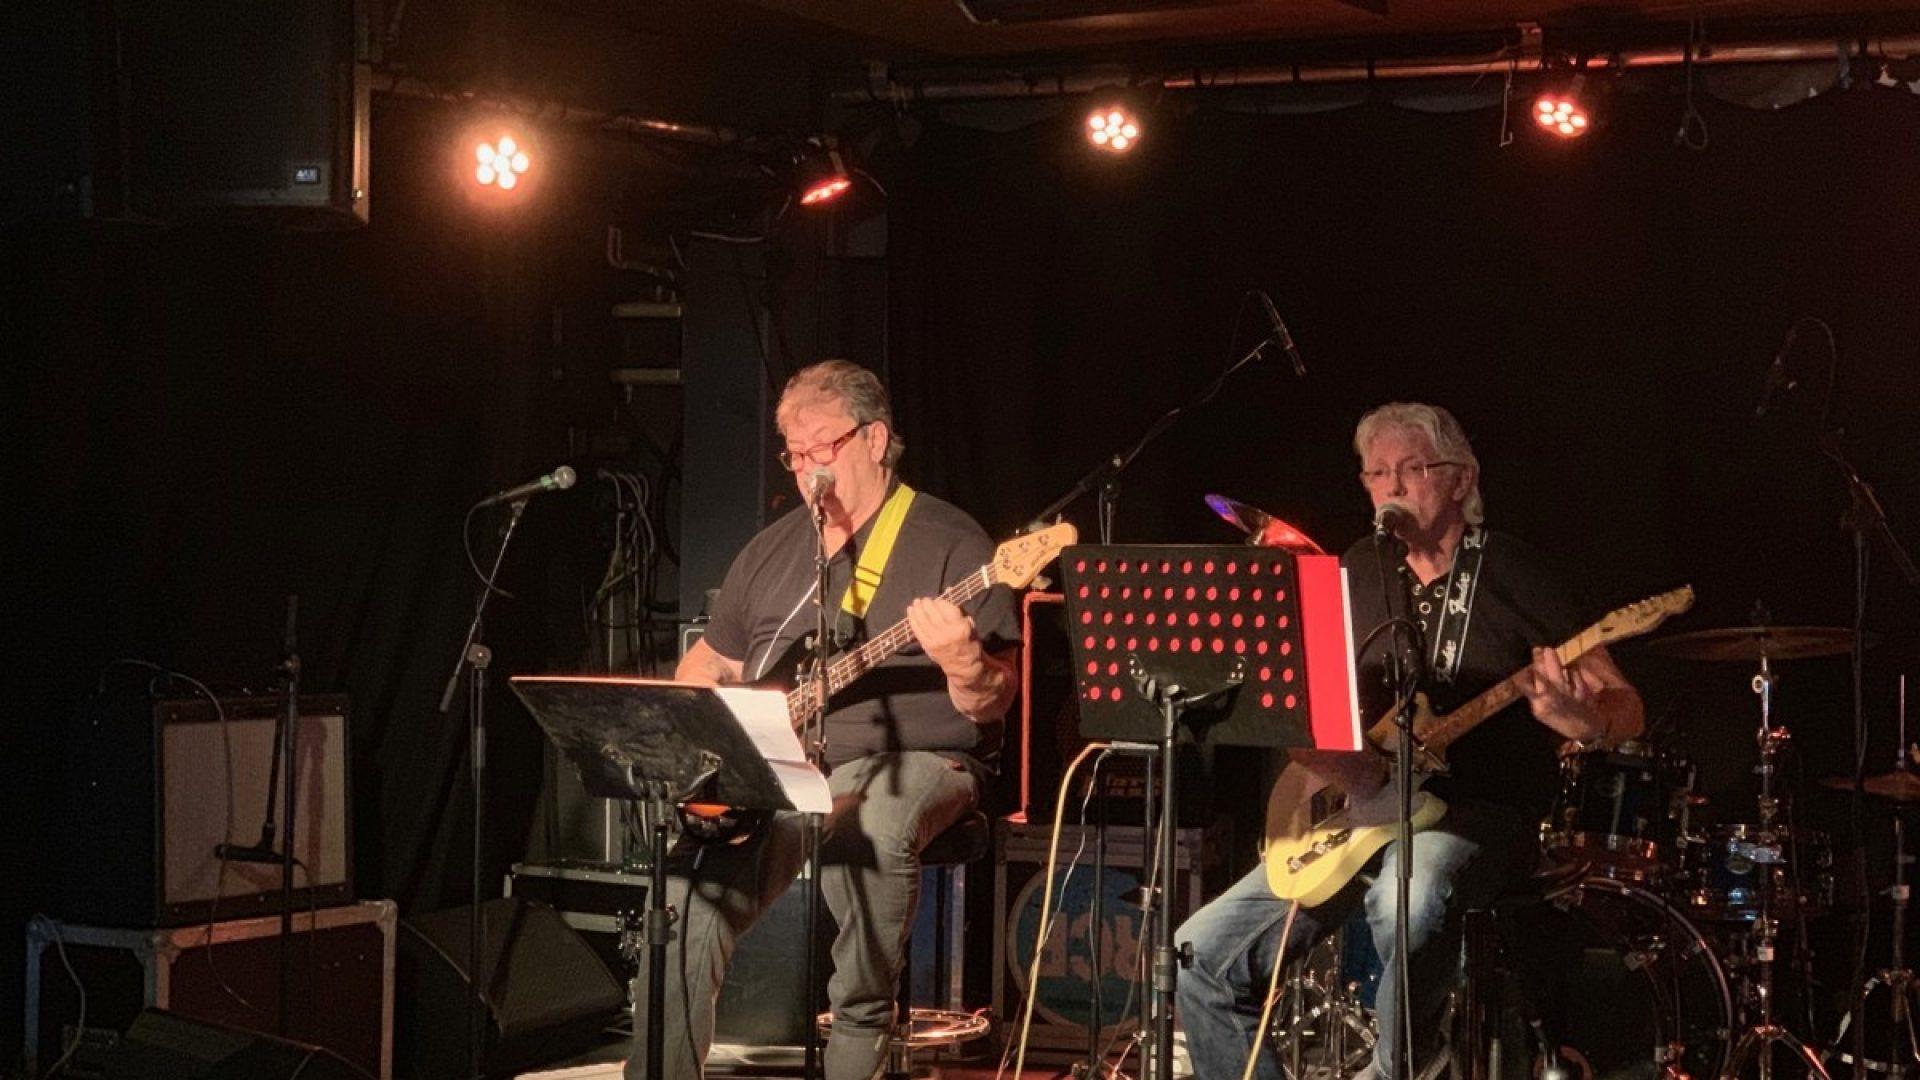 Musikere på scena